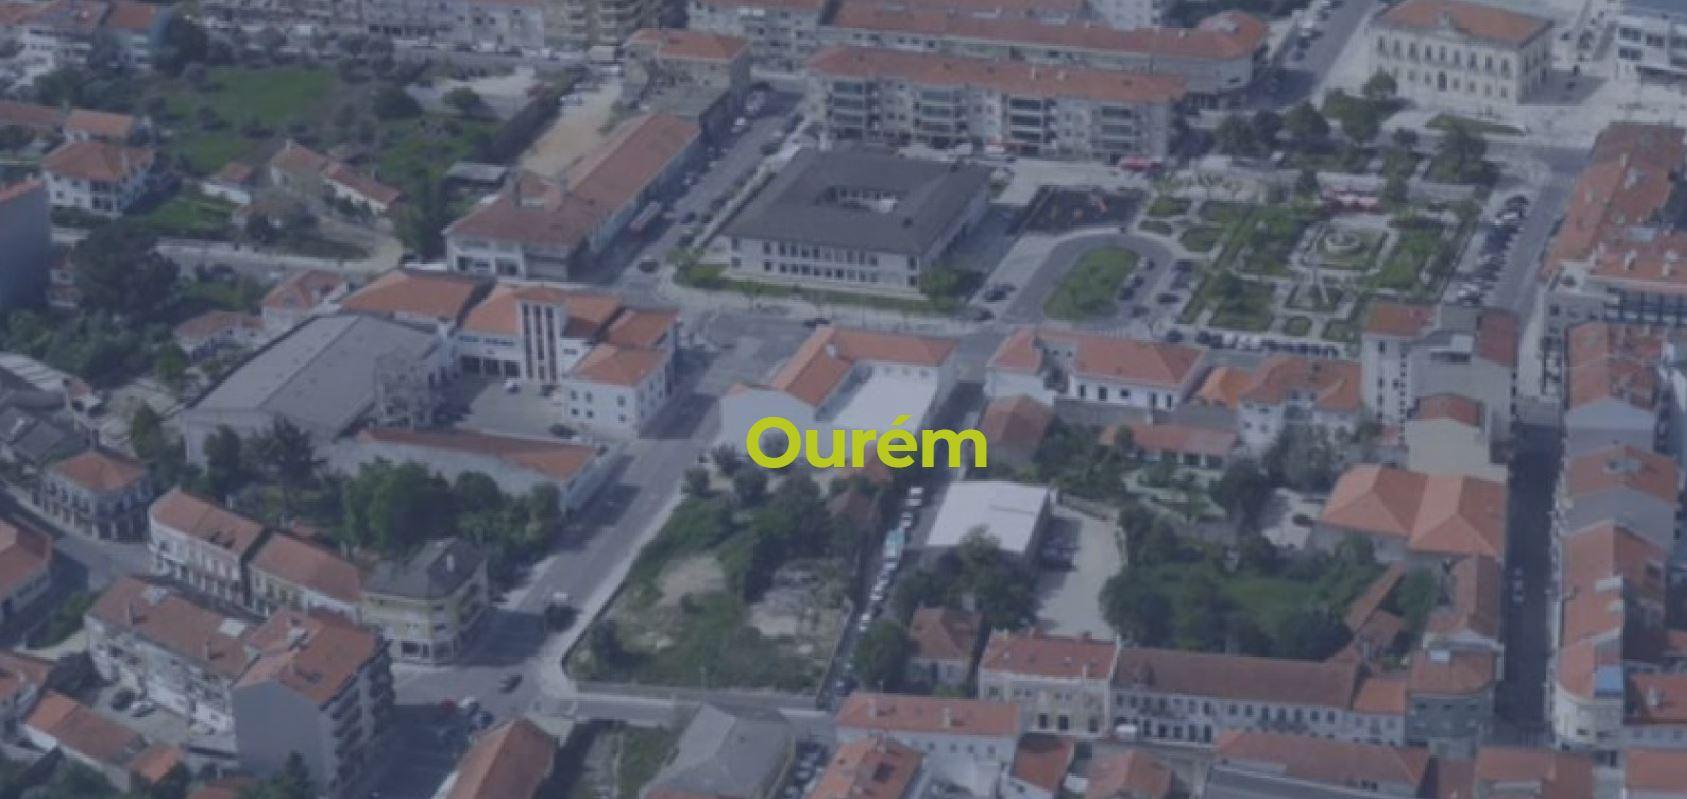 ourem